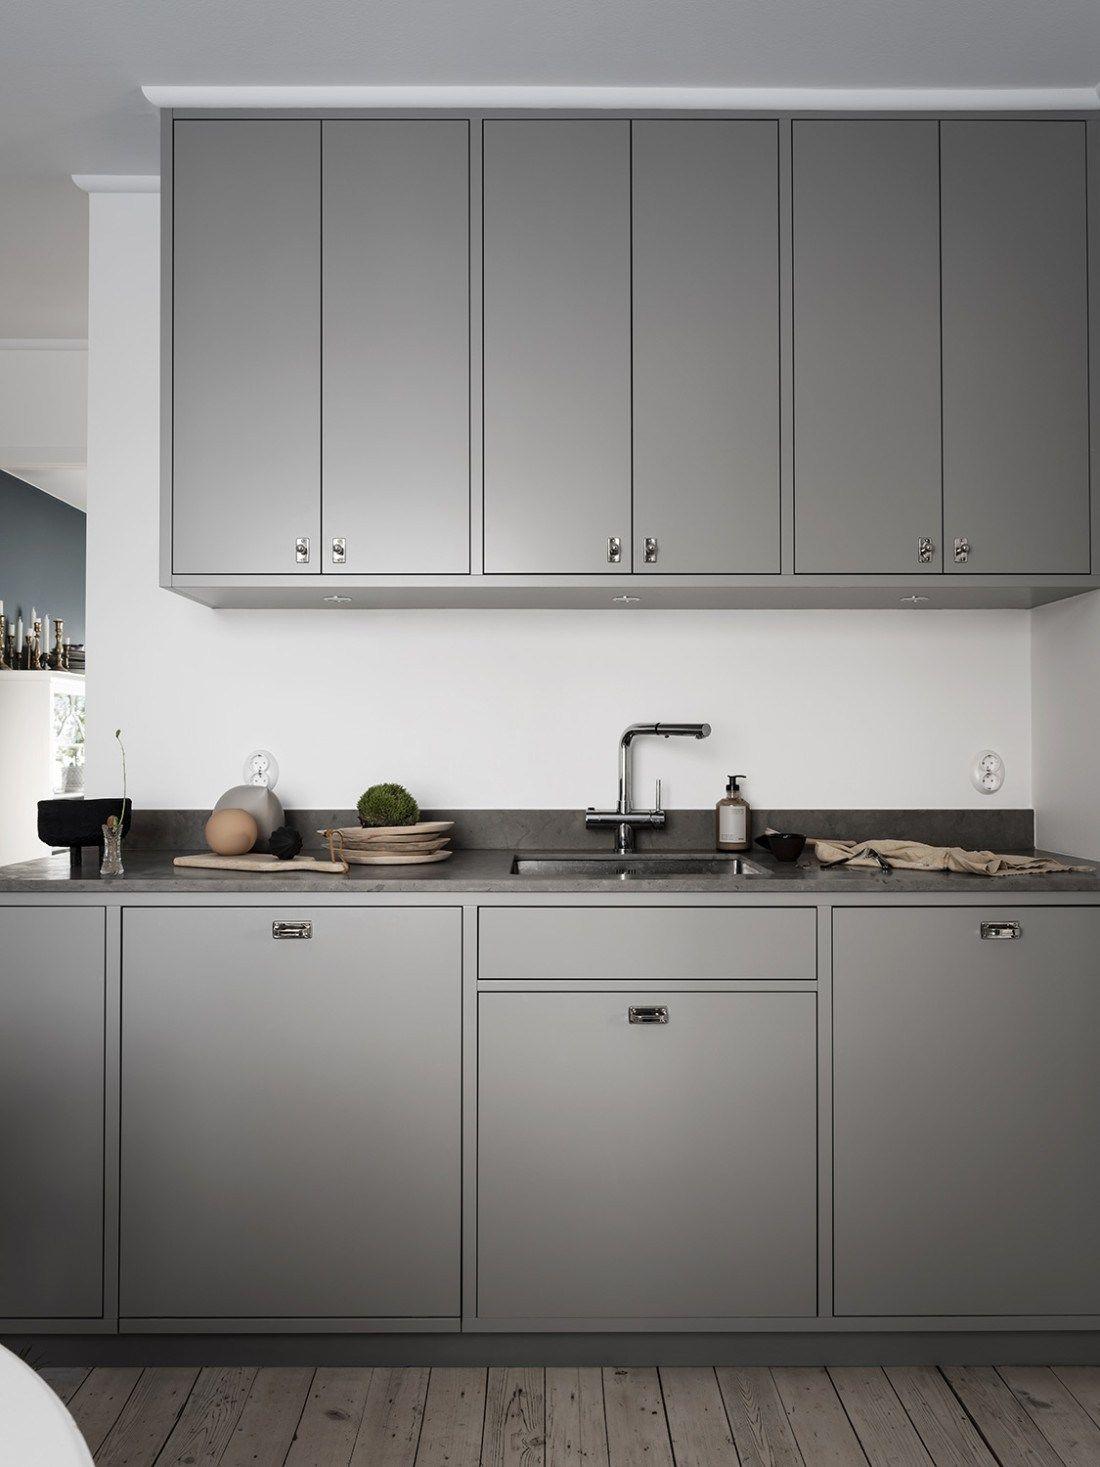 Fisher Cabinets #36 - Emma Fisher For Nordiska Kök - Via Coco Lapine Design Blog, Kitchen Ideas,  Cabinets